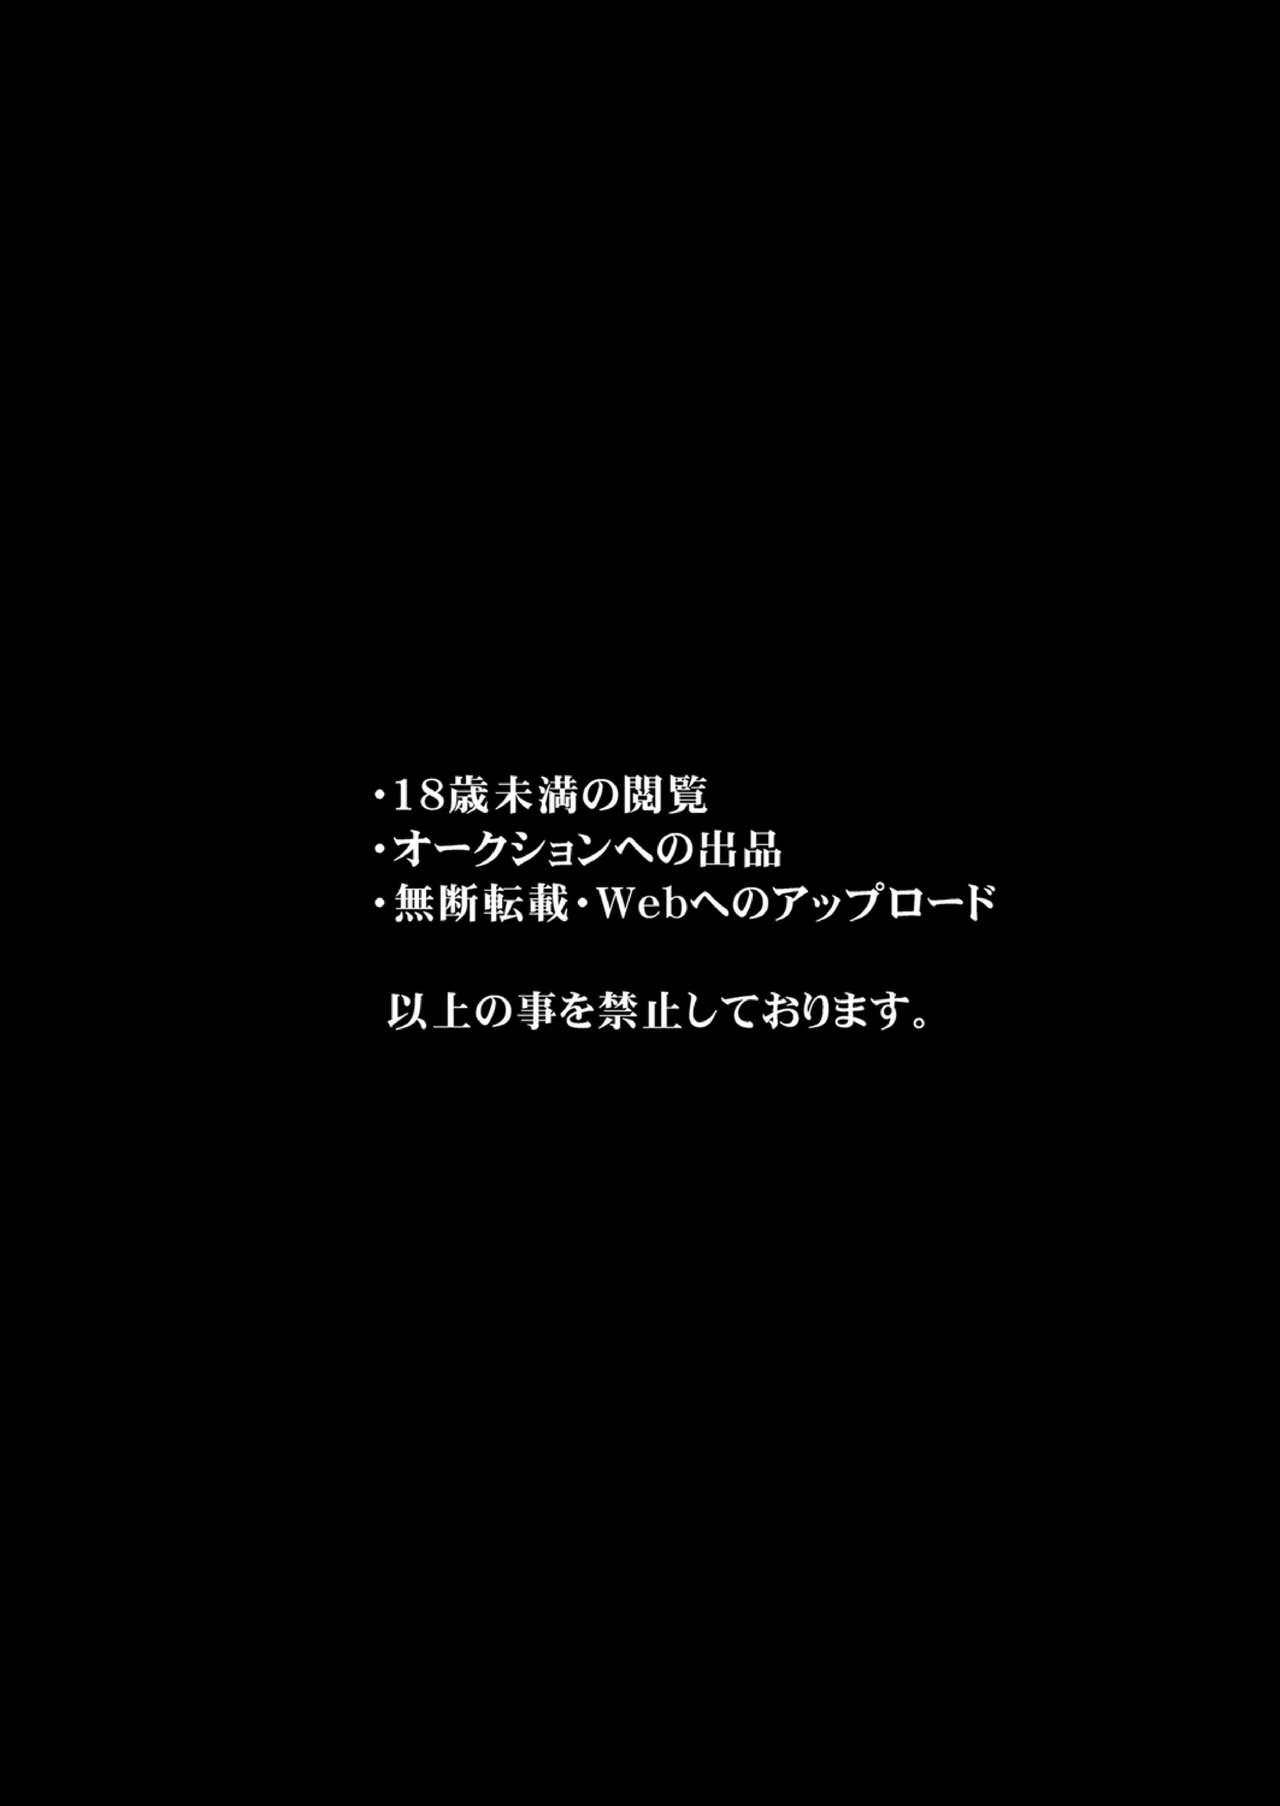 Izon Taishitsu Na Yandere Kanojo Wa Ore No Iinari Kura Nagisa 02